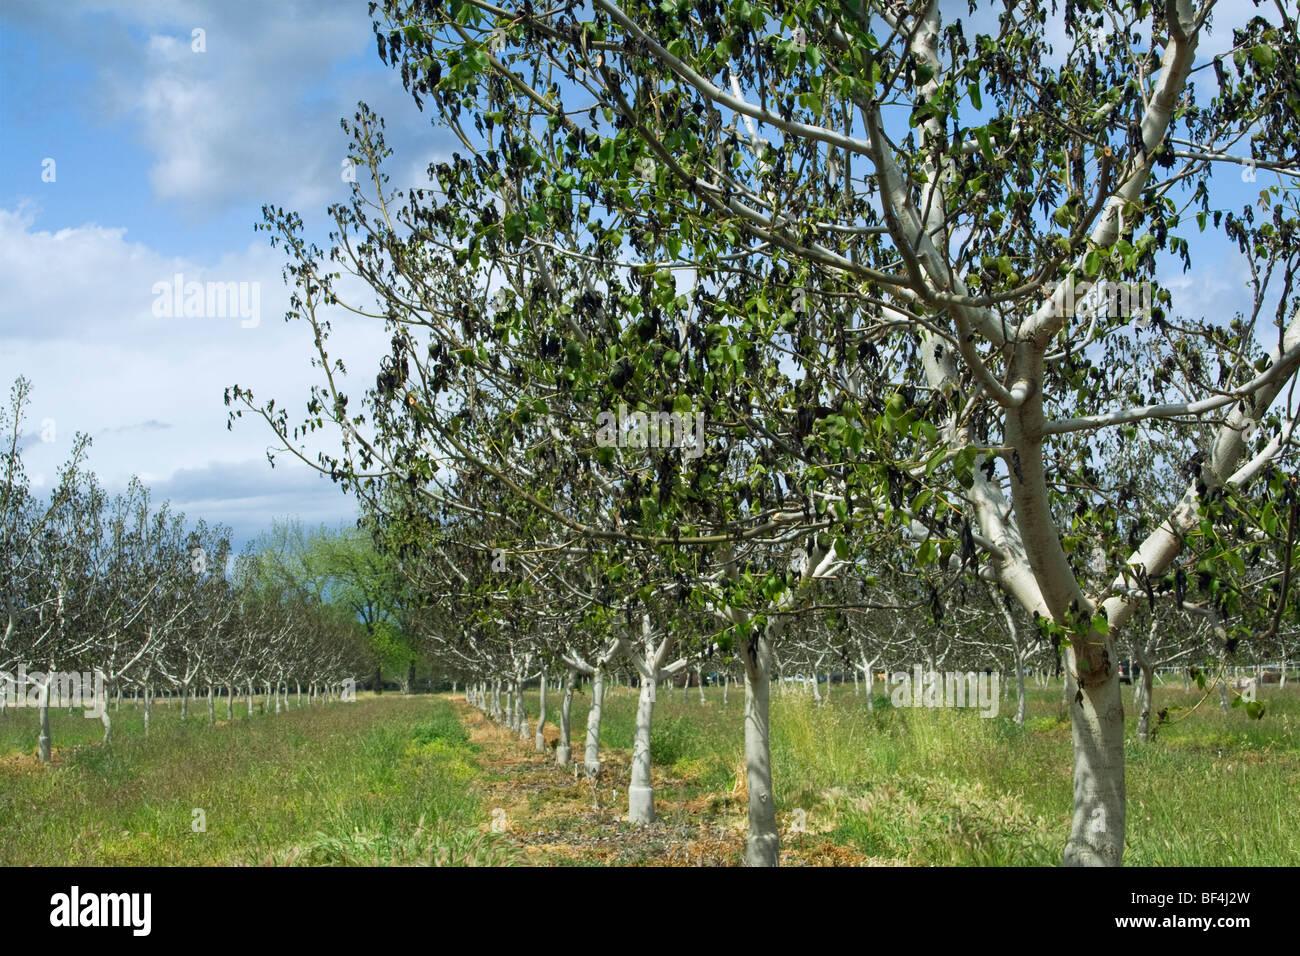 Agricoltura - Danni alberi di noce causato da un pesante molla insolita congelamento / vicino Dairyville, California, Stati Uniti d'America. Foto Stock